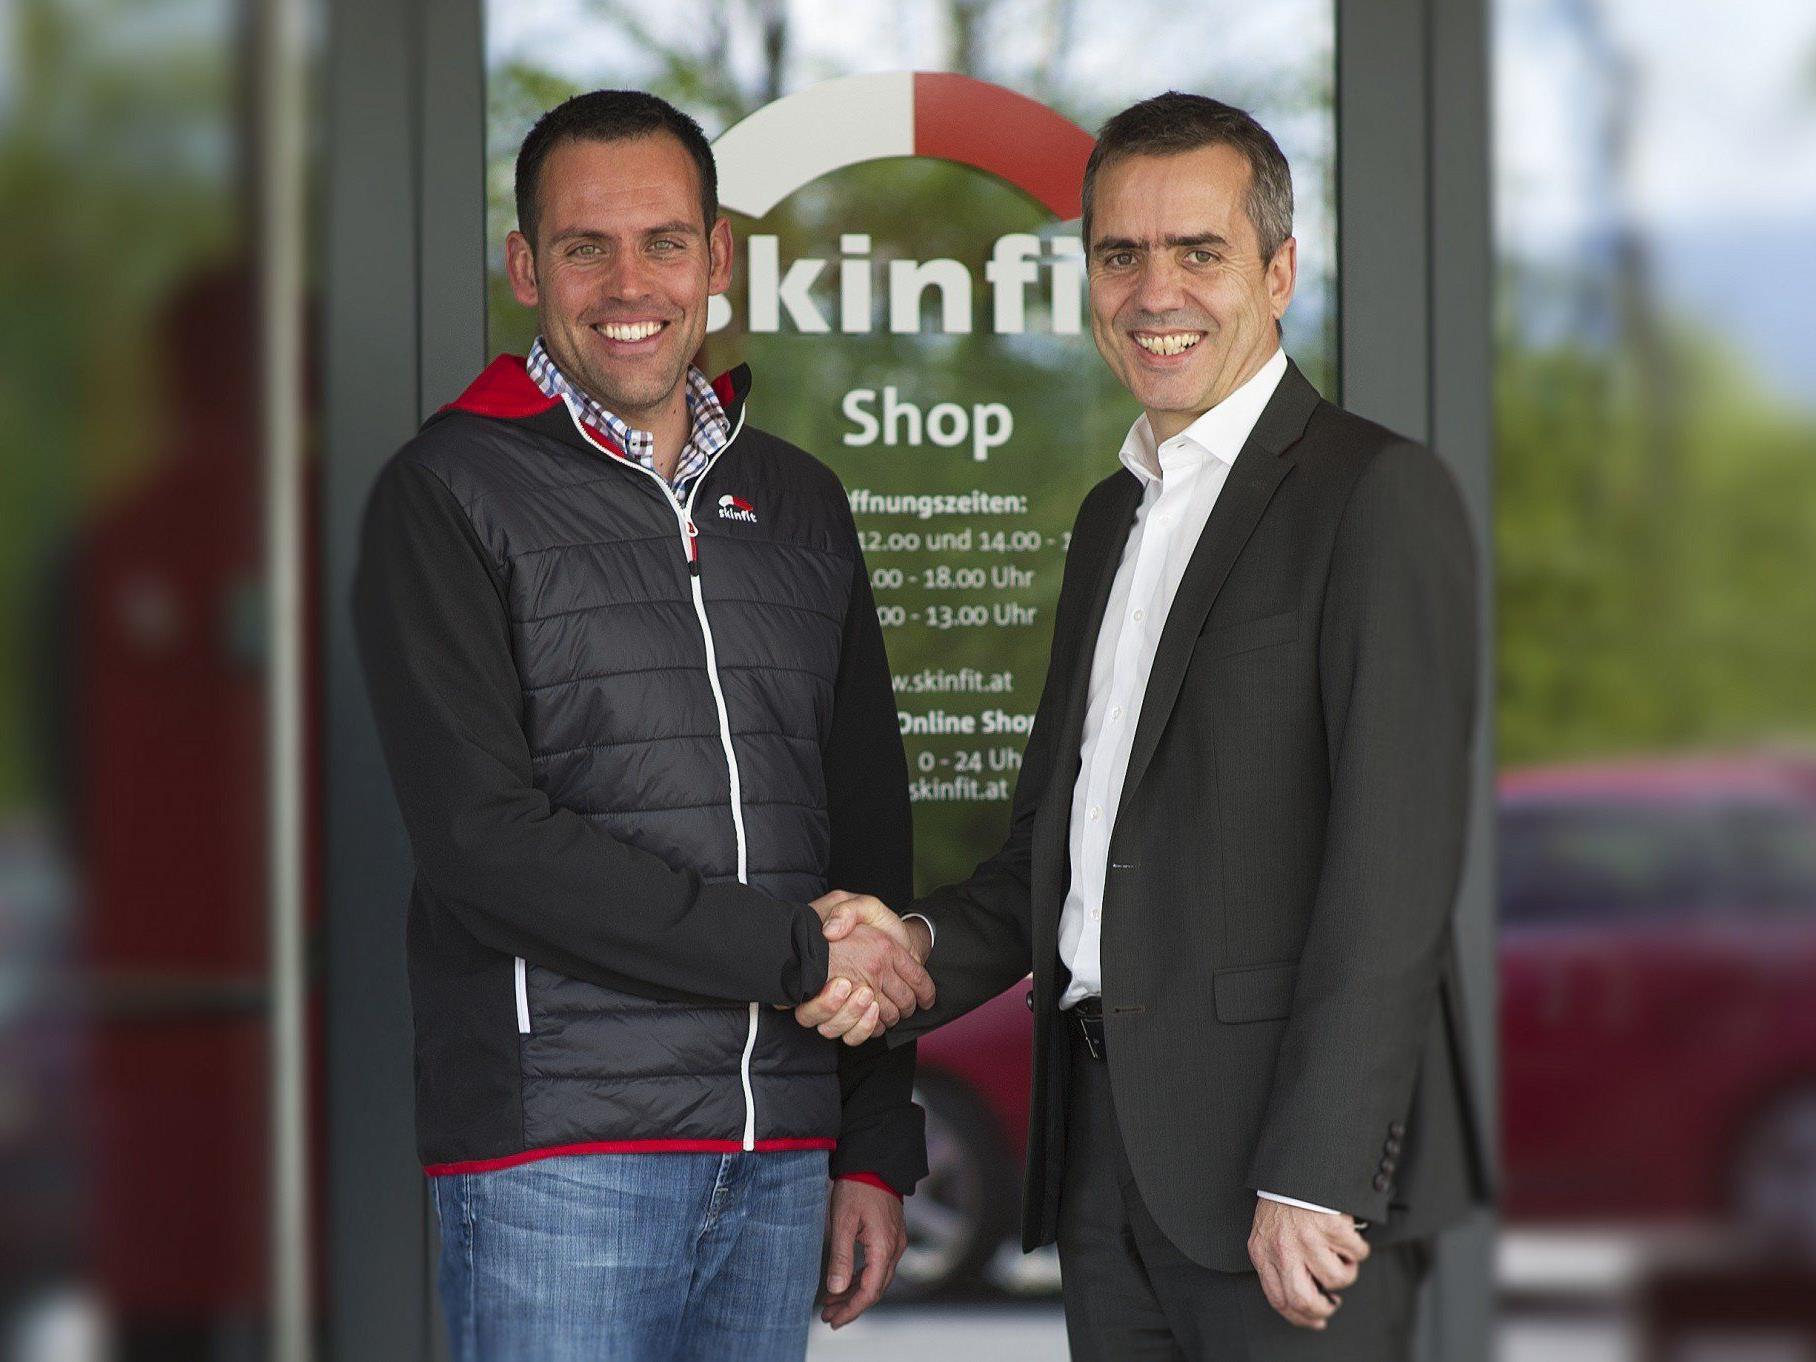 Skinfit wird die nächsten drei Jahre neuer Partner vom Marathon im Dreiländereck.